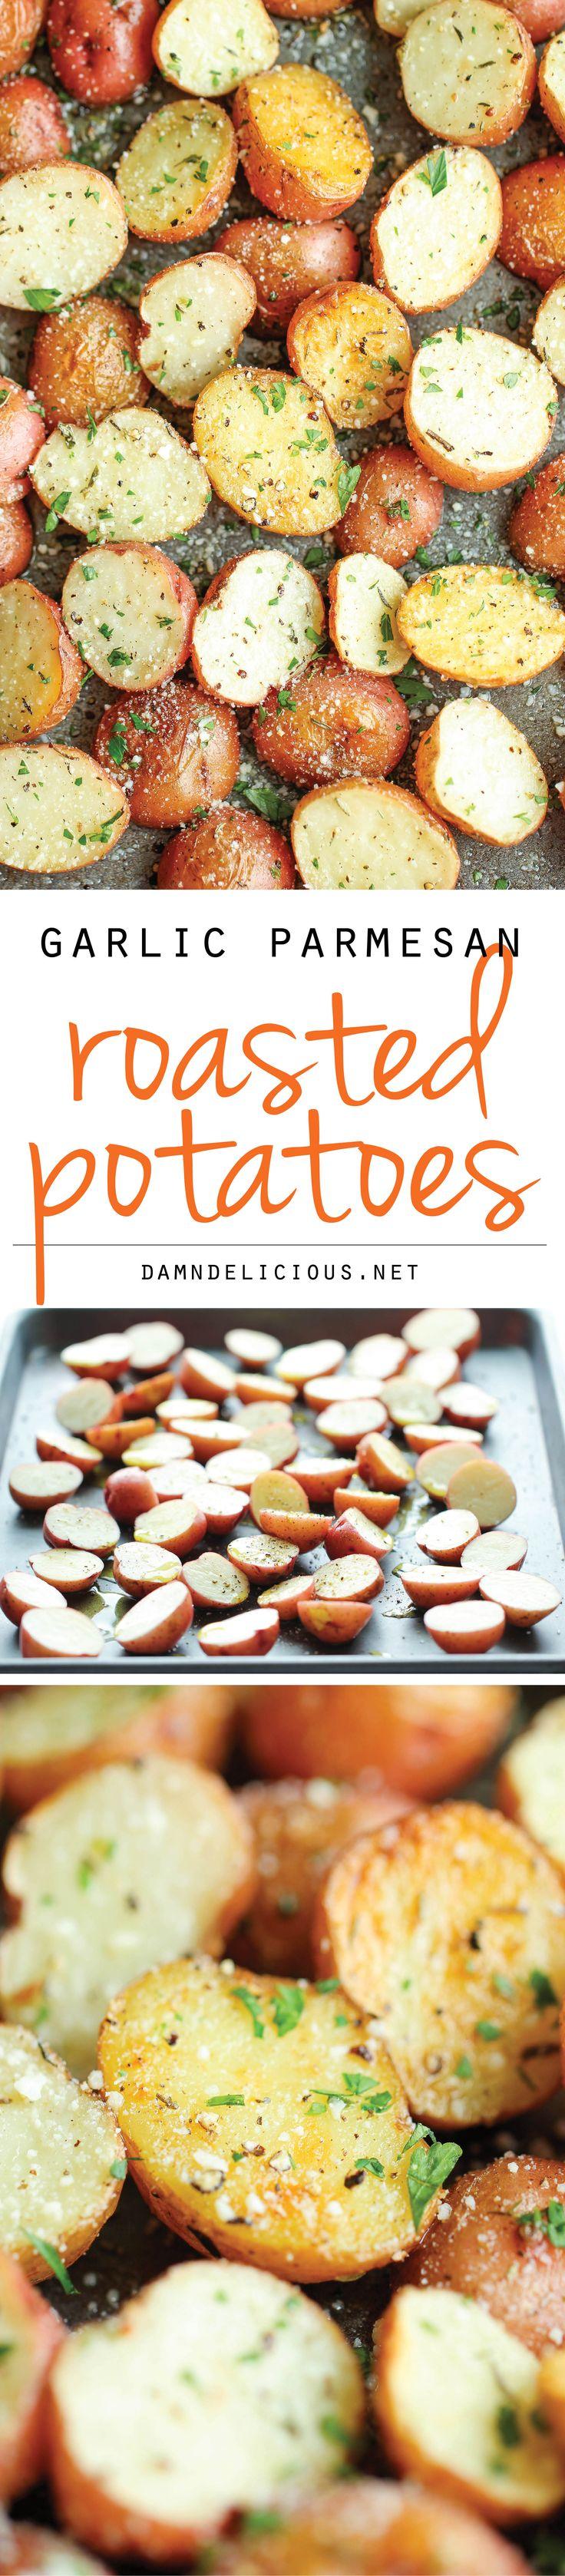 Garlic Parmesan Roasted Potatoes | http://damndelicious.net/